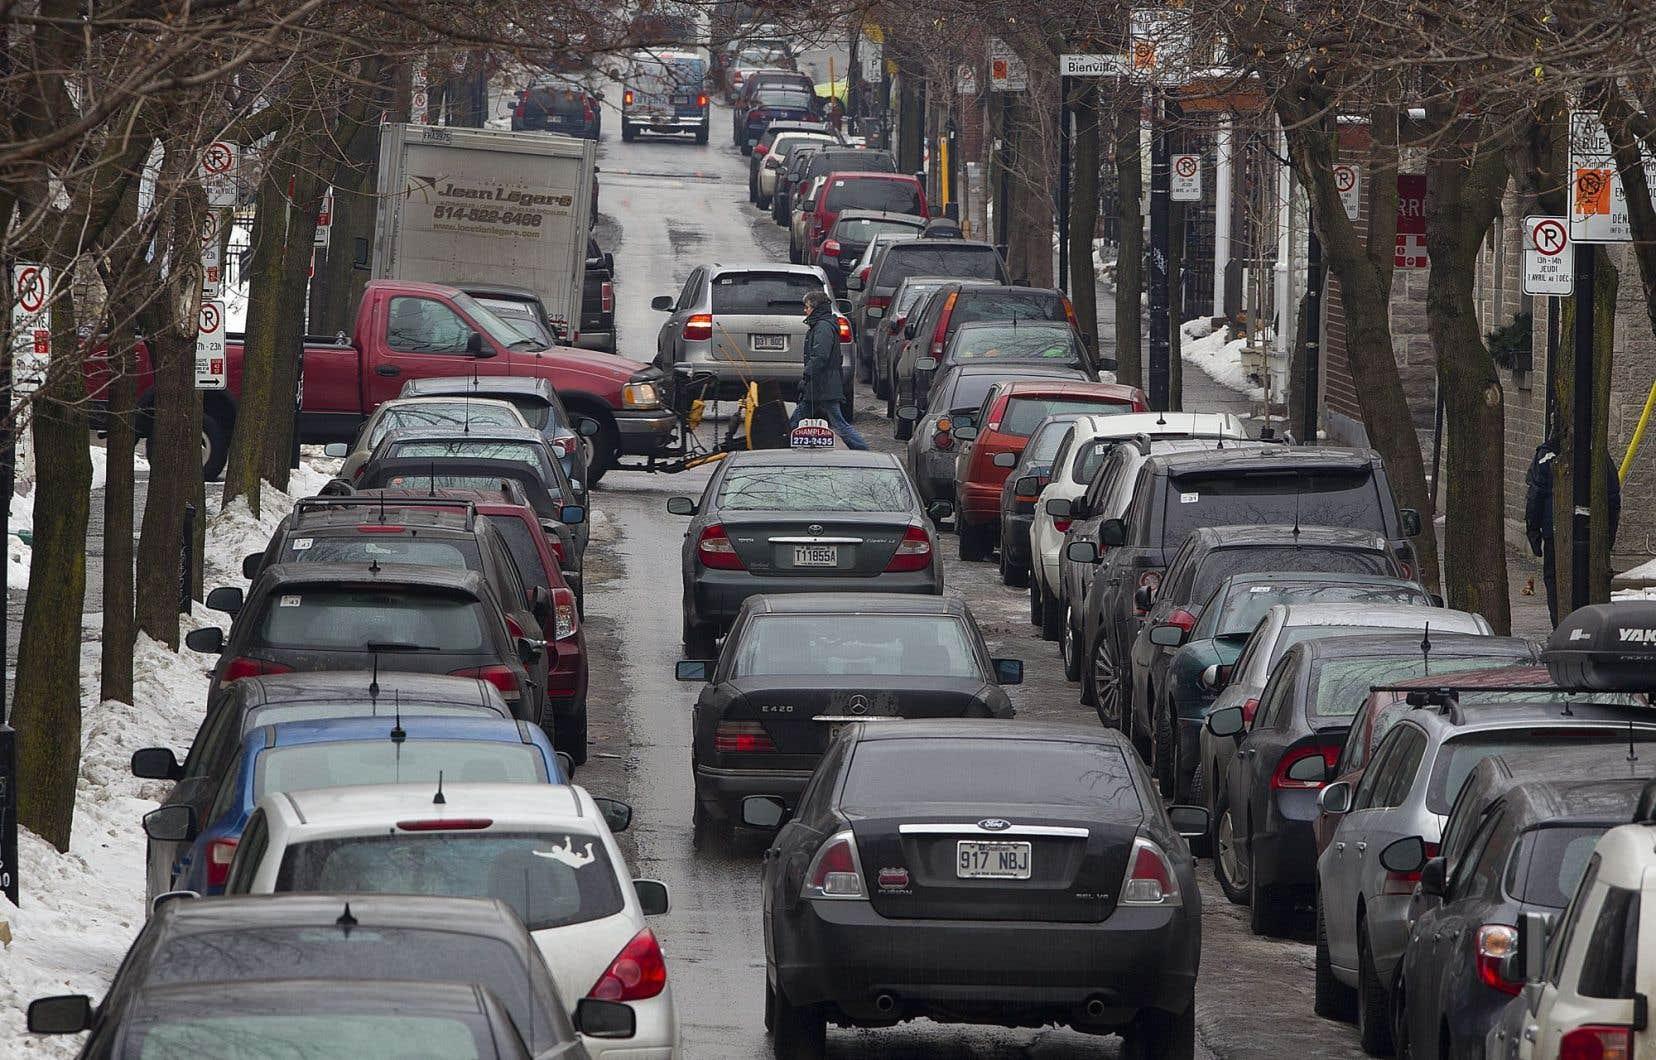 L'étude du GRAME déboulonne certains « mythes », comme le fait que les taxes sur les carburants permettraient aux automobilistes de payer leur juste part des coûts qu'ils engendrent.